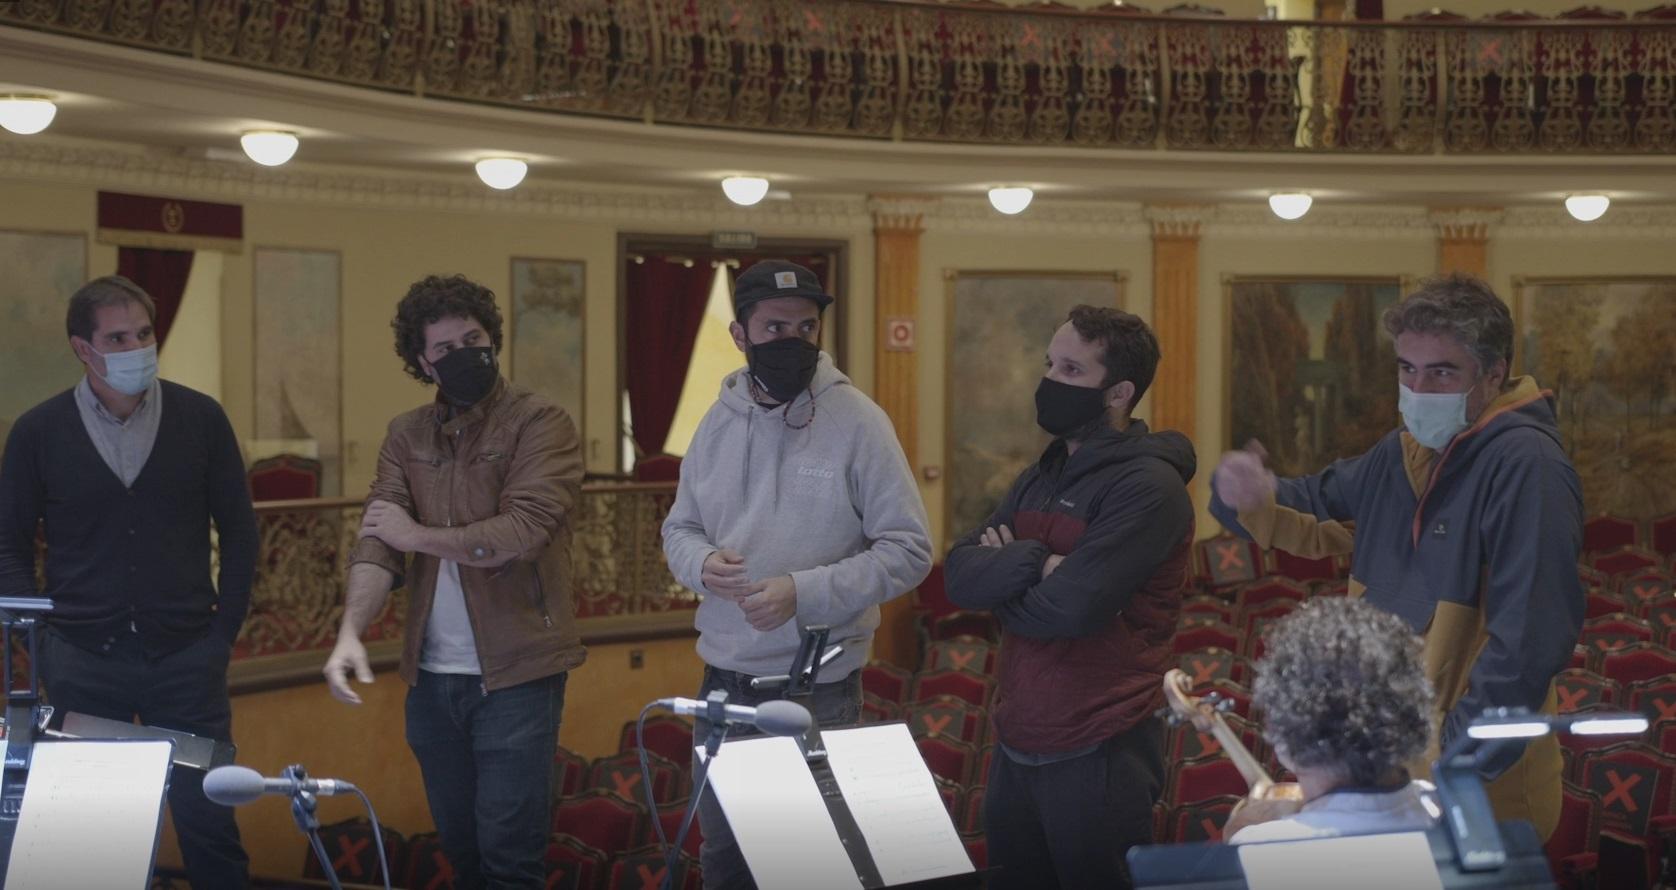 """Música clásica y comedia se unen en un """"Carnaval de los animales"""" con la narración de Abubukaka"""